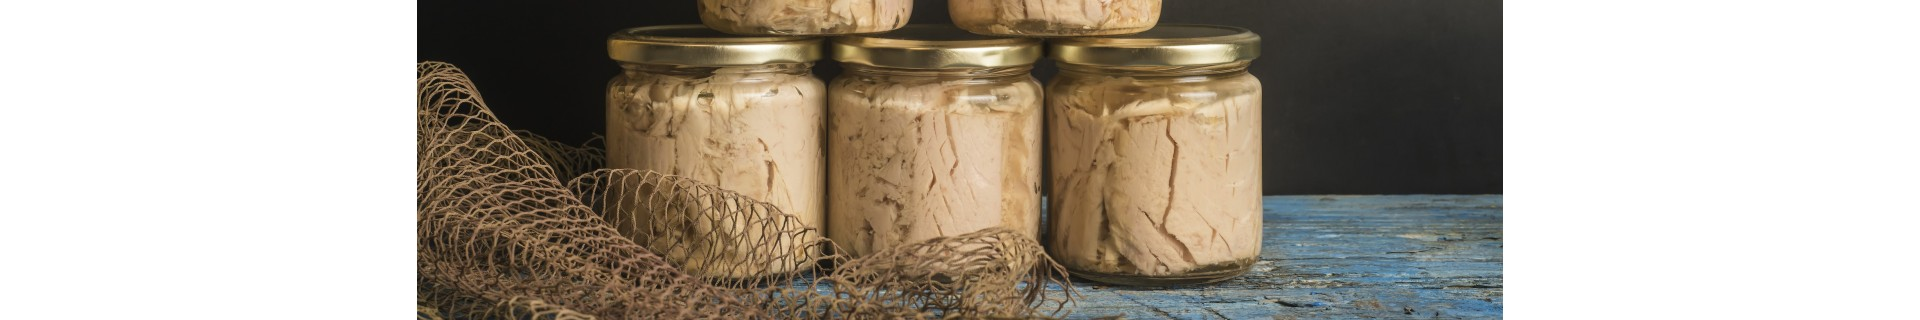 Conservas de pescado gourmet | Conservas Hondarribia